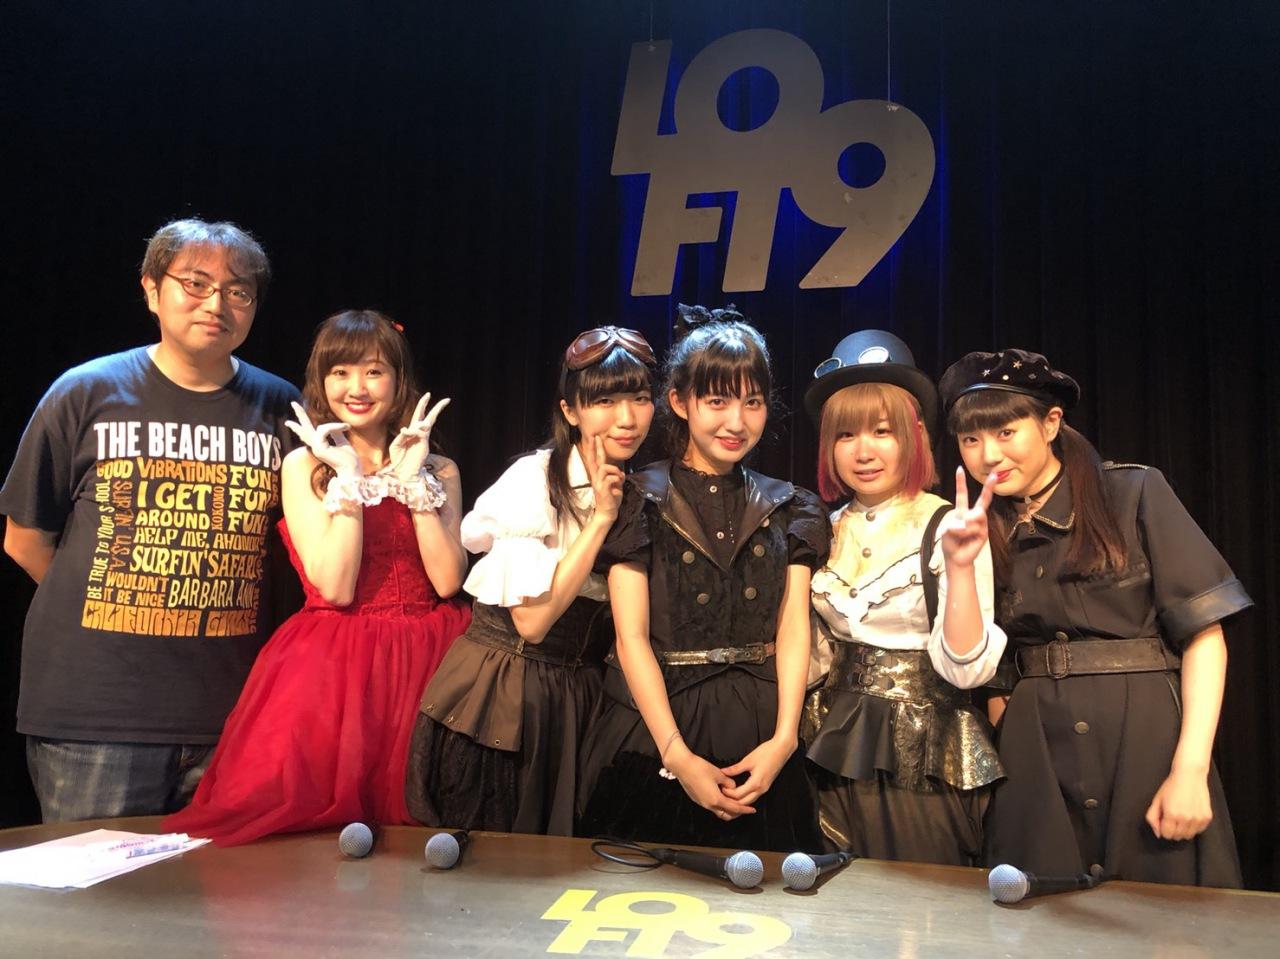 しふぉん、西井、でか美、べにのユニットAPOKALIPPPS、10月1日に新宿LOFTで無銭公開オーディション開催